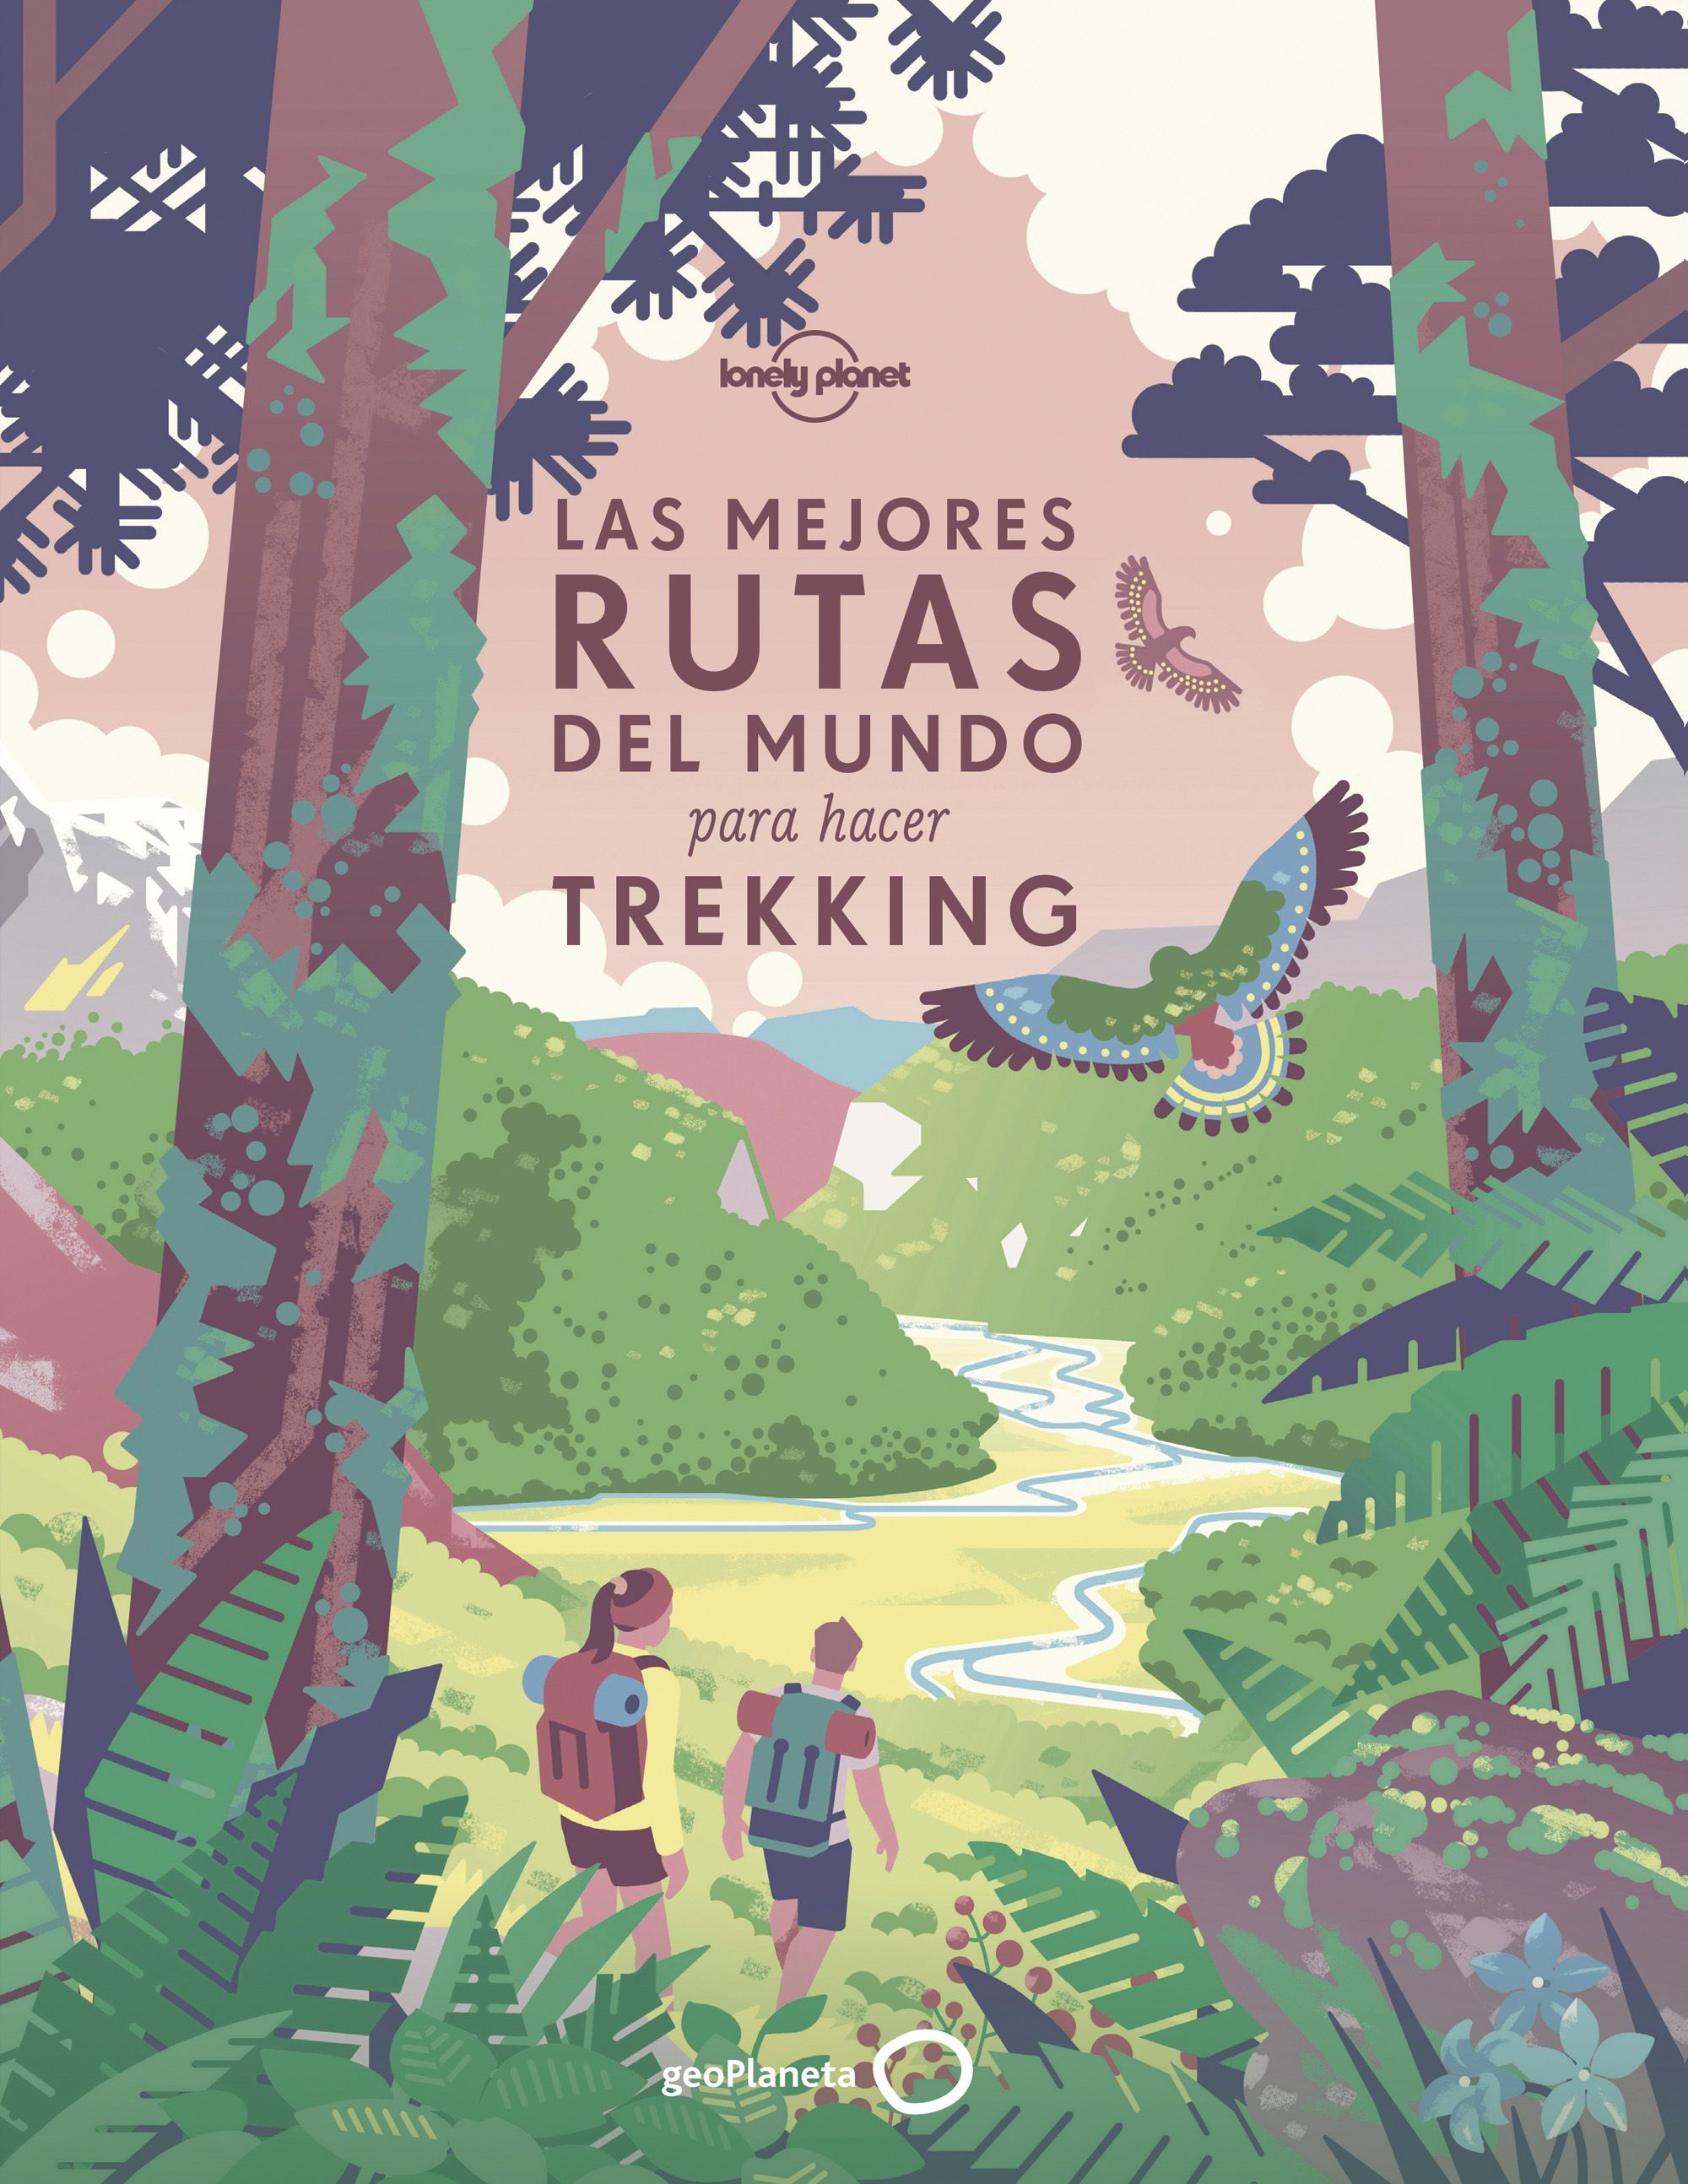 Guía Guía Las mejores rutas del mundo para hacer trekking